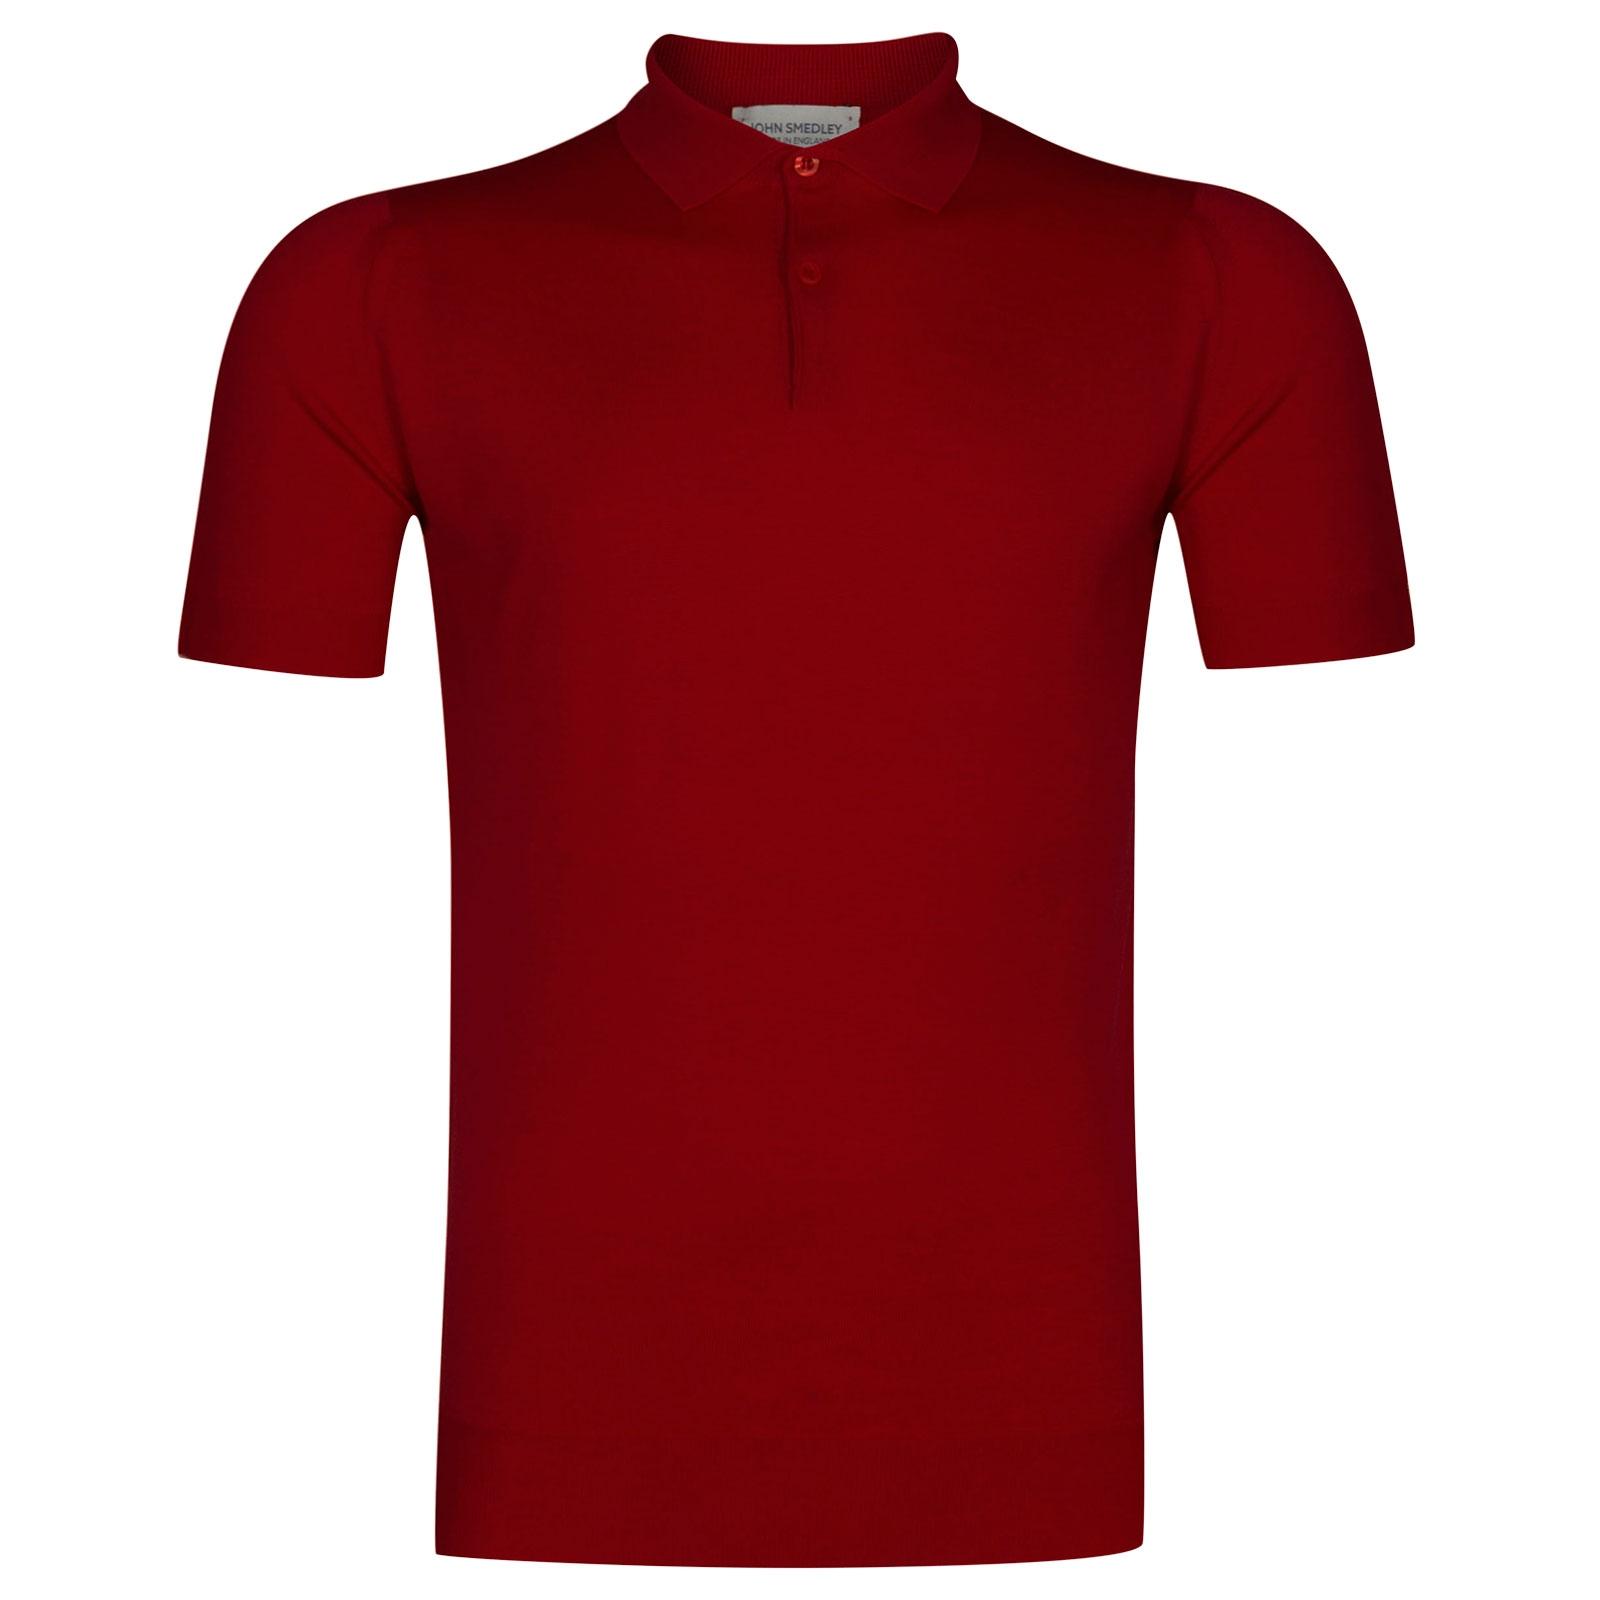 John Smedley Payton Merino Wool Shirt in Thermal Red-S